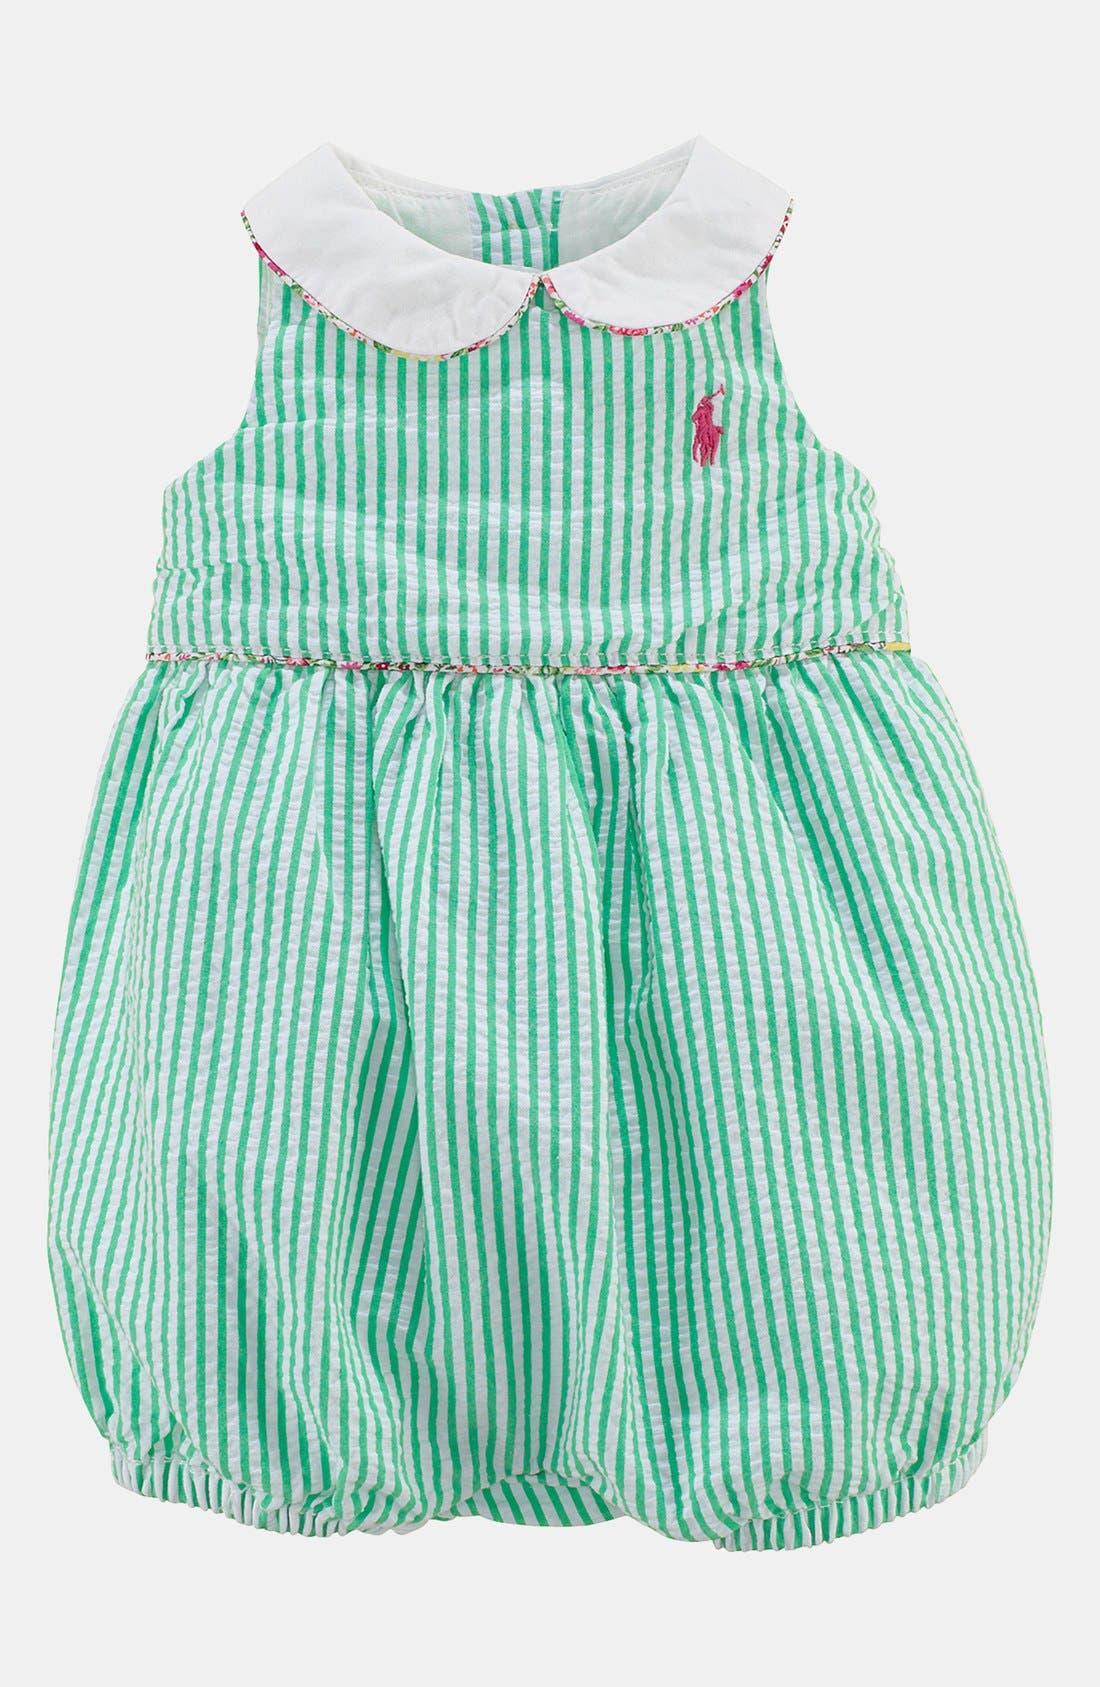 Alternate Image 1 Selected - Ralph Lauren Seersucker Coveralls (Baby)